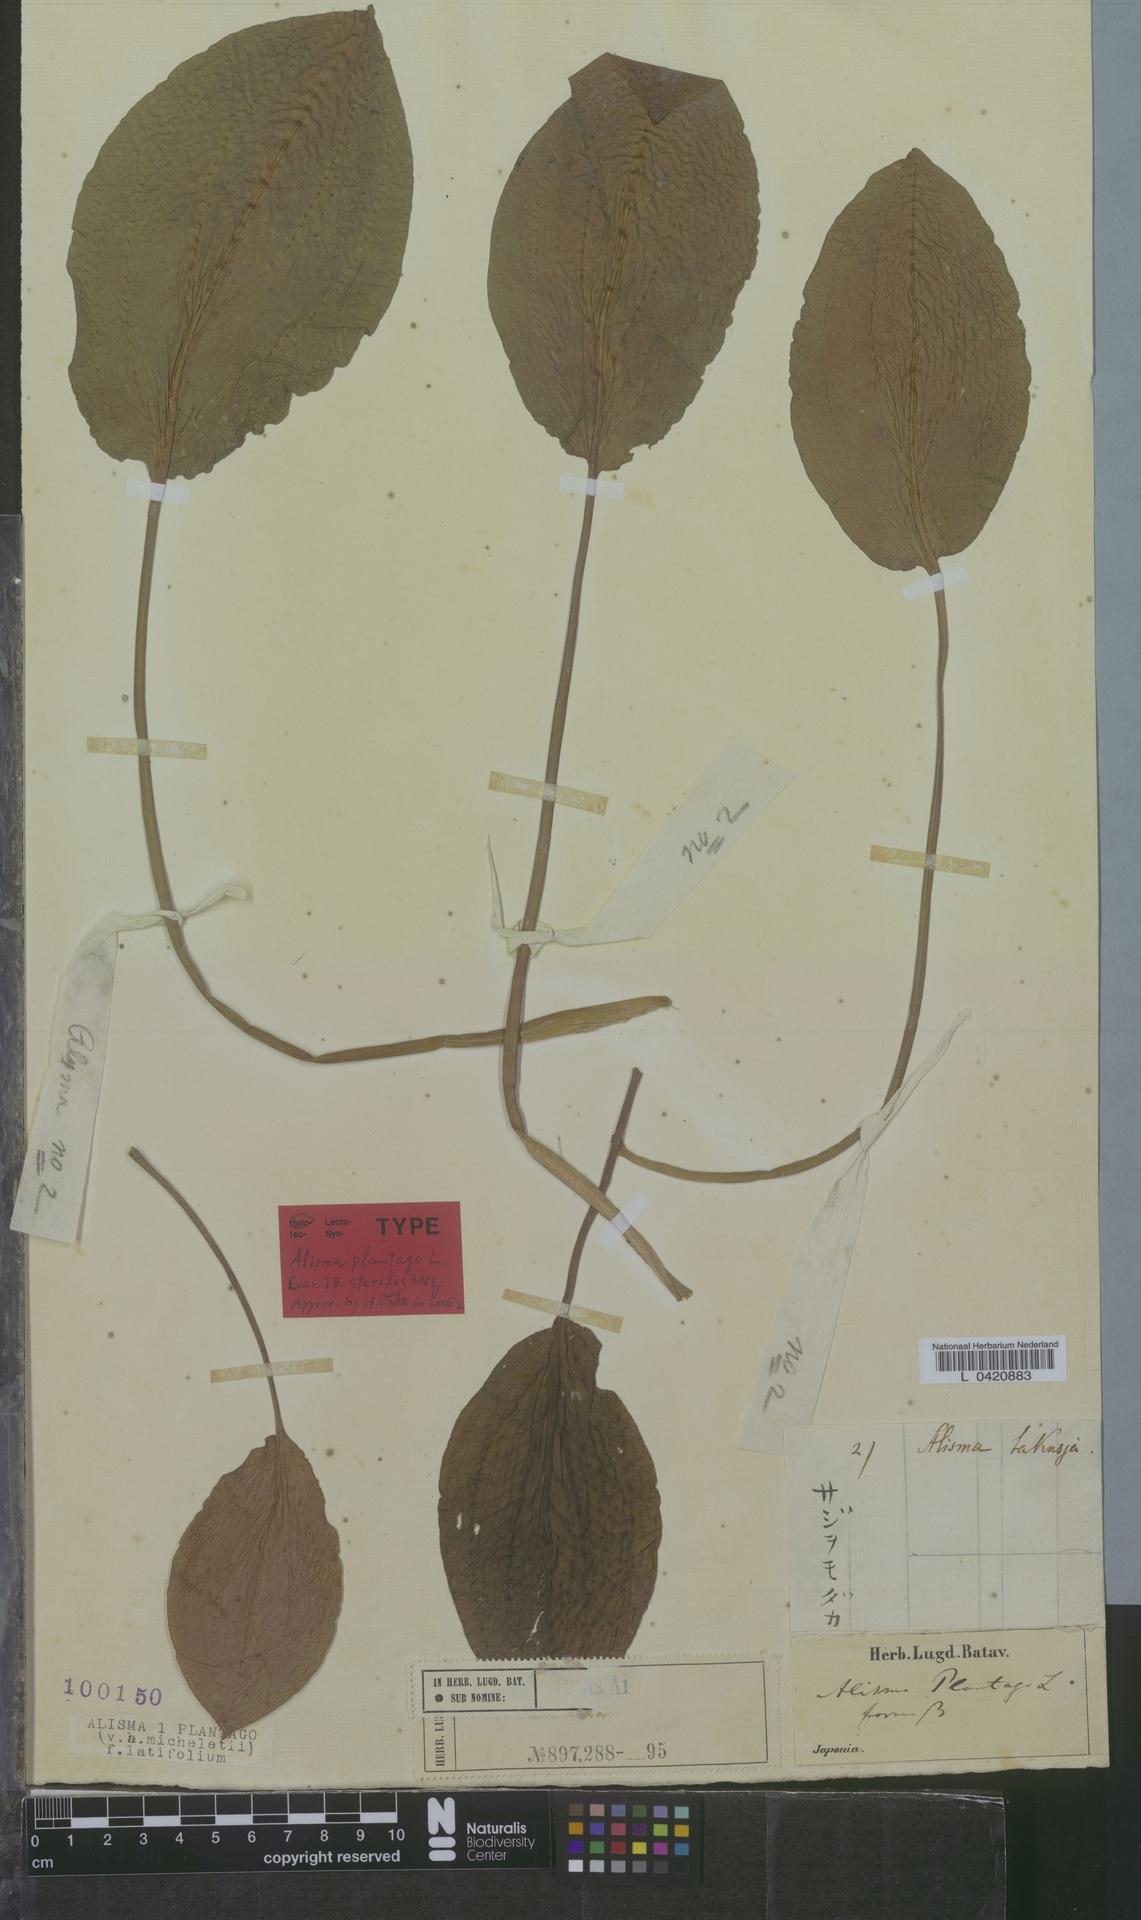 L  0420883 | Alisma plantago f. latifolium